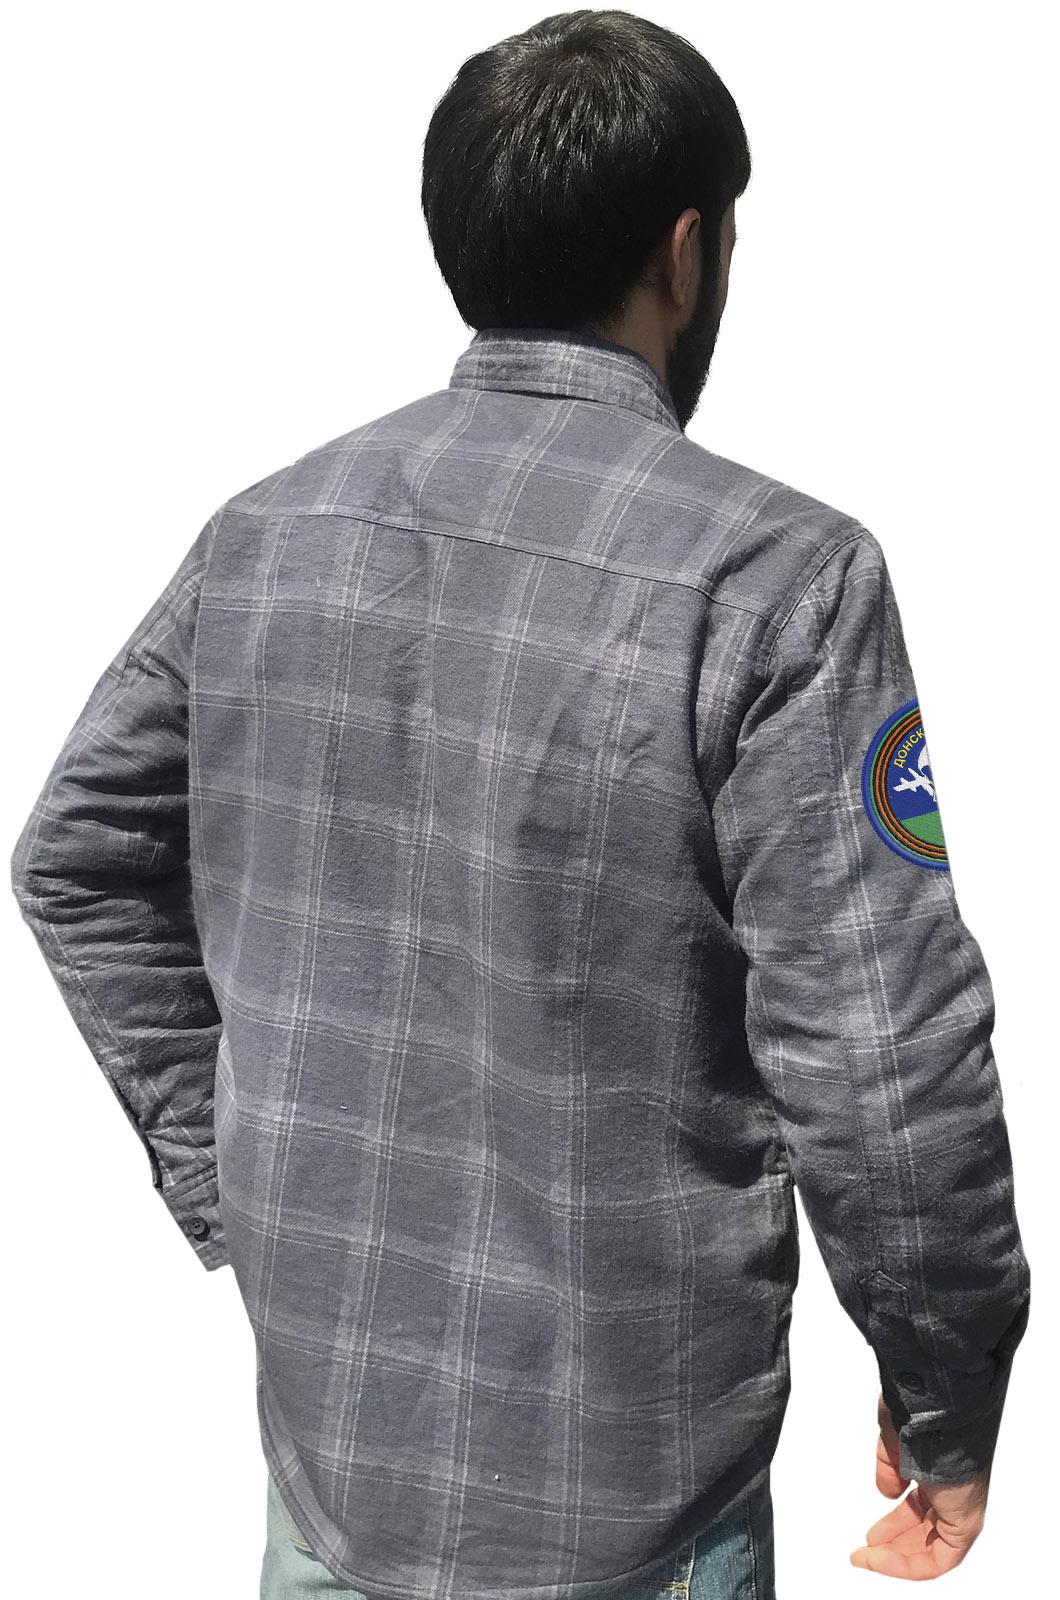 Купить надежную рубашку с вышитым шевроном Донской Казачьей оптом или в розницу